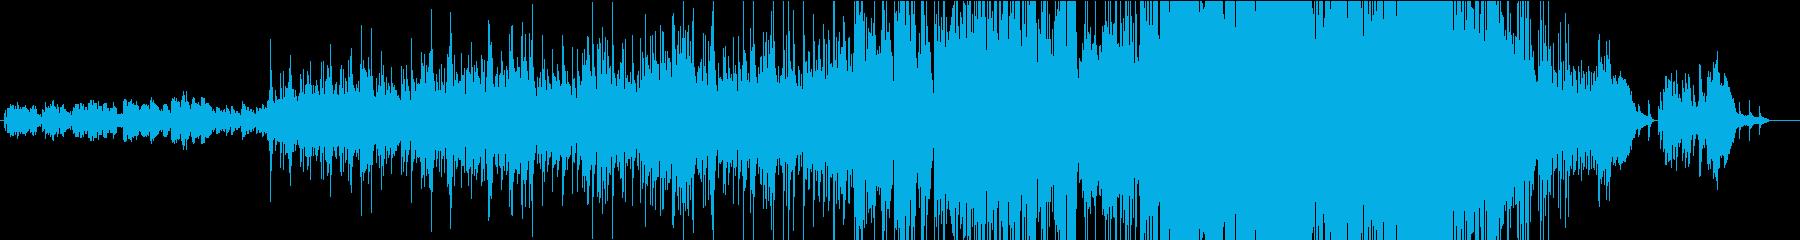 クリスマス・ピアノバラードの再生済みの波形